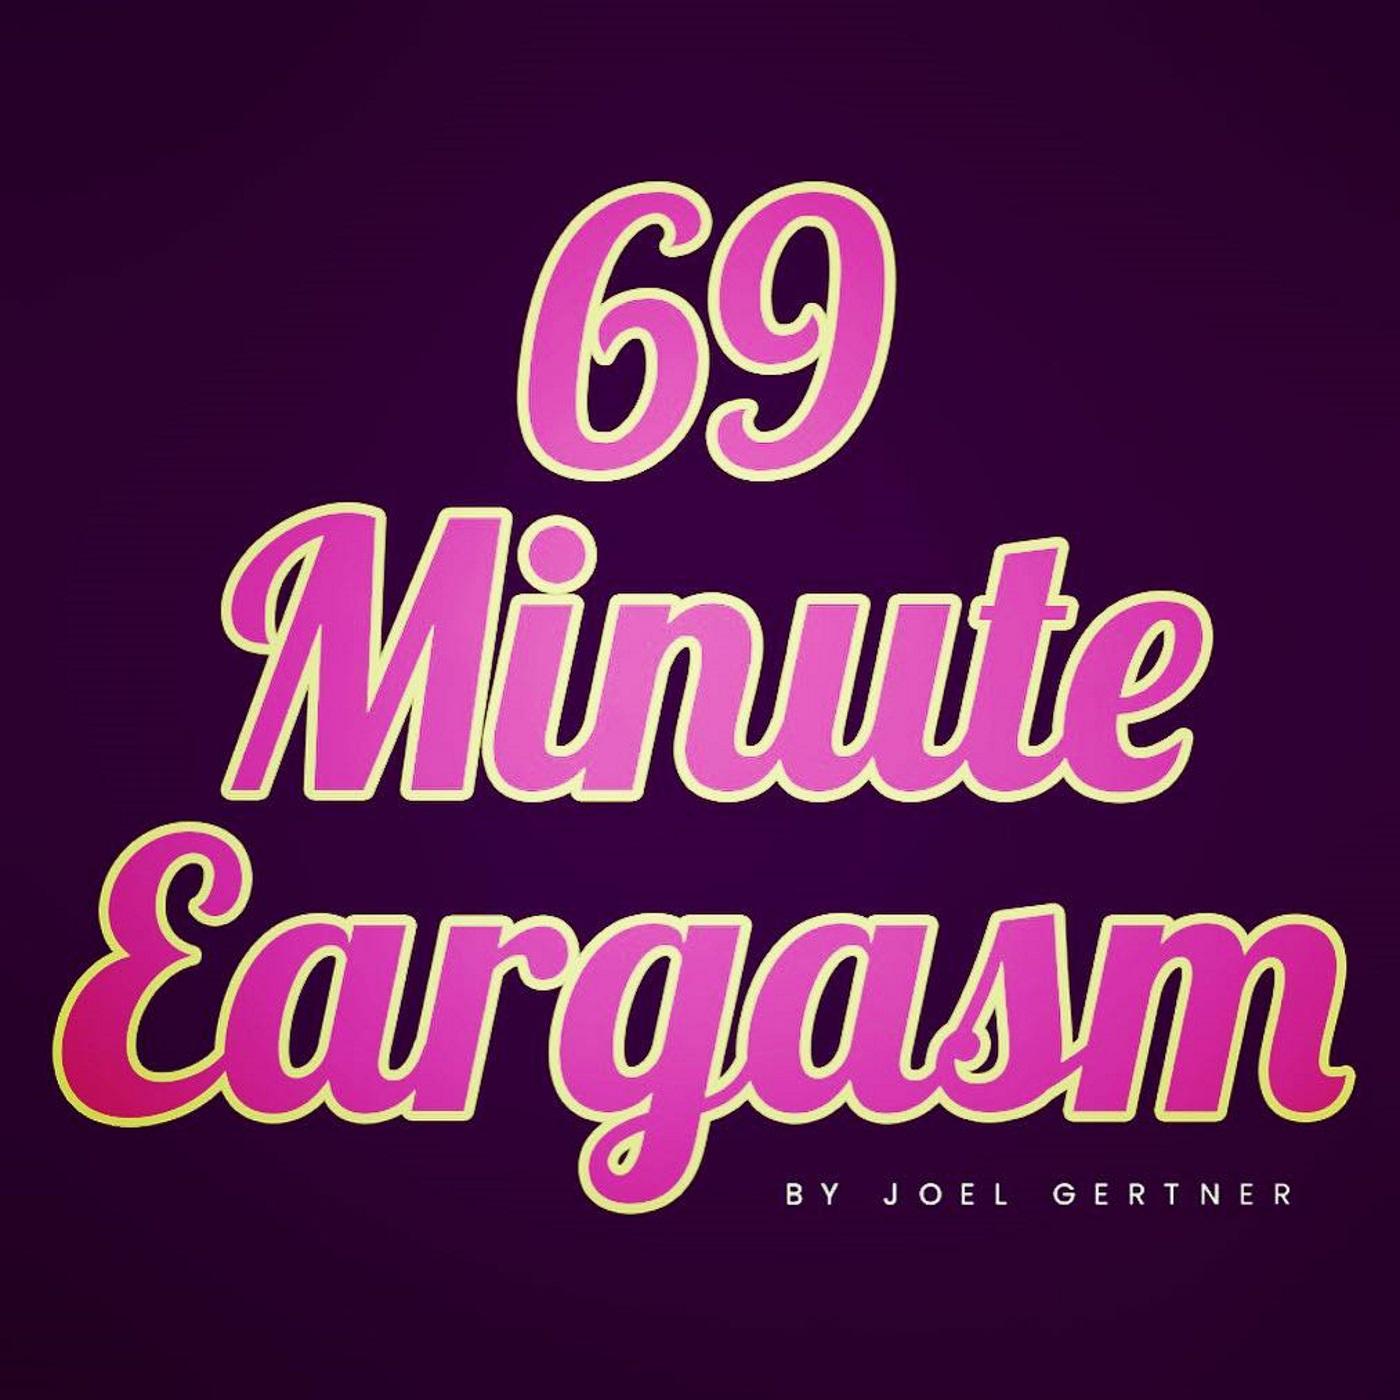 The 69 Minute Eargasm with Joel Gertner